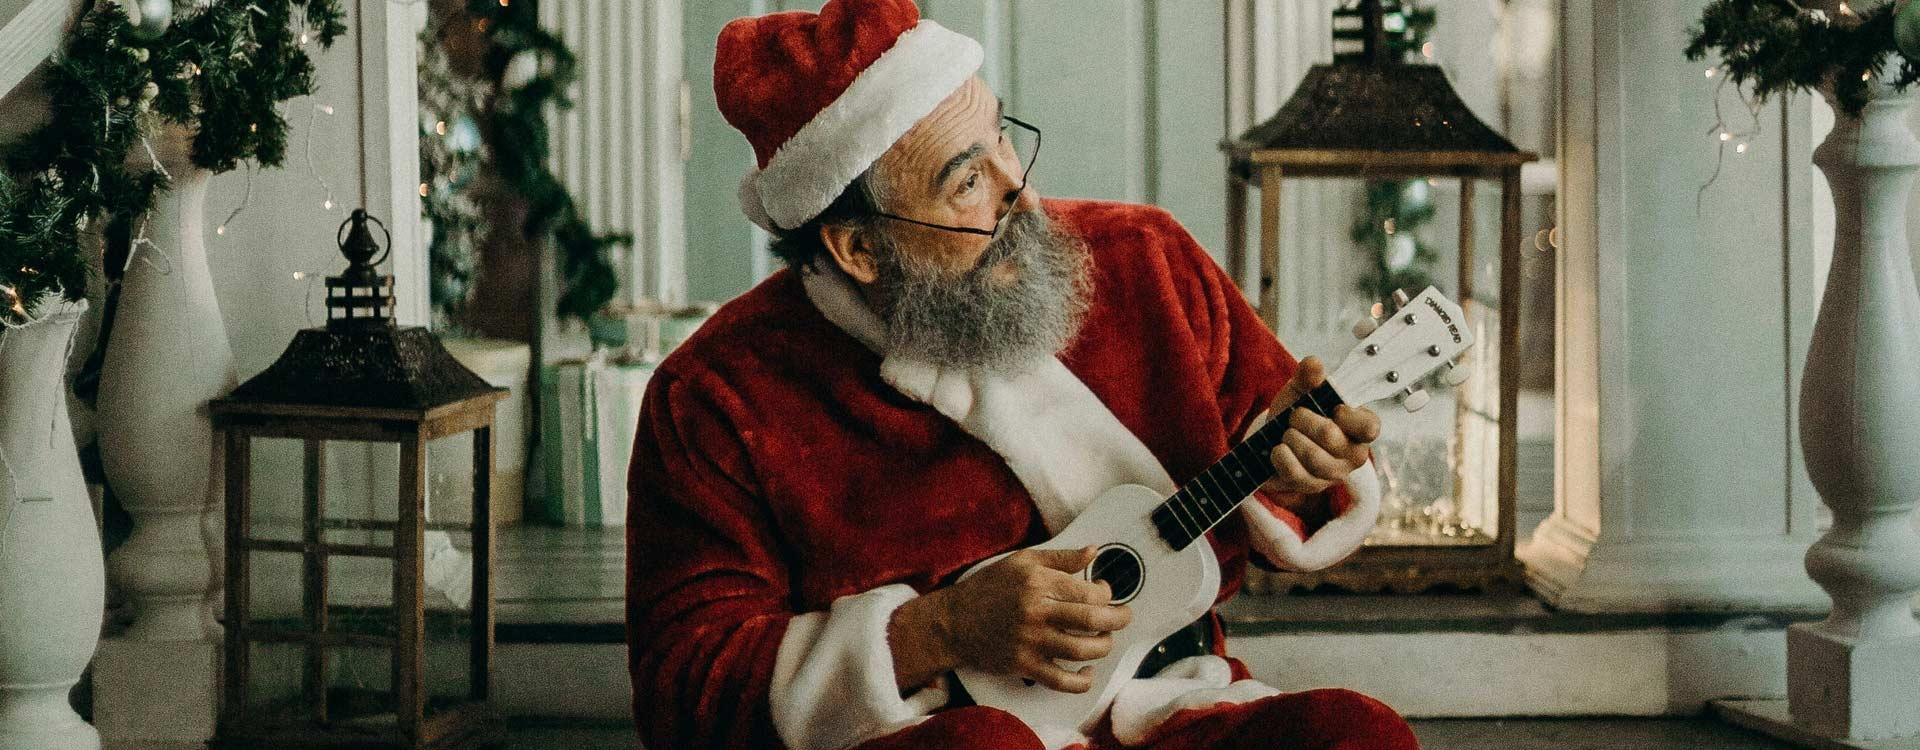 Weihnachtslieder singt sogar der Weihnachtsmann gerne gemeinsam mit den Kindern